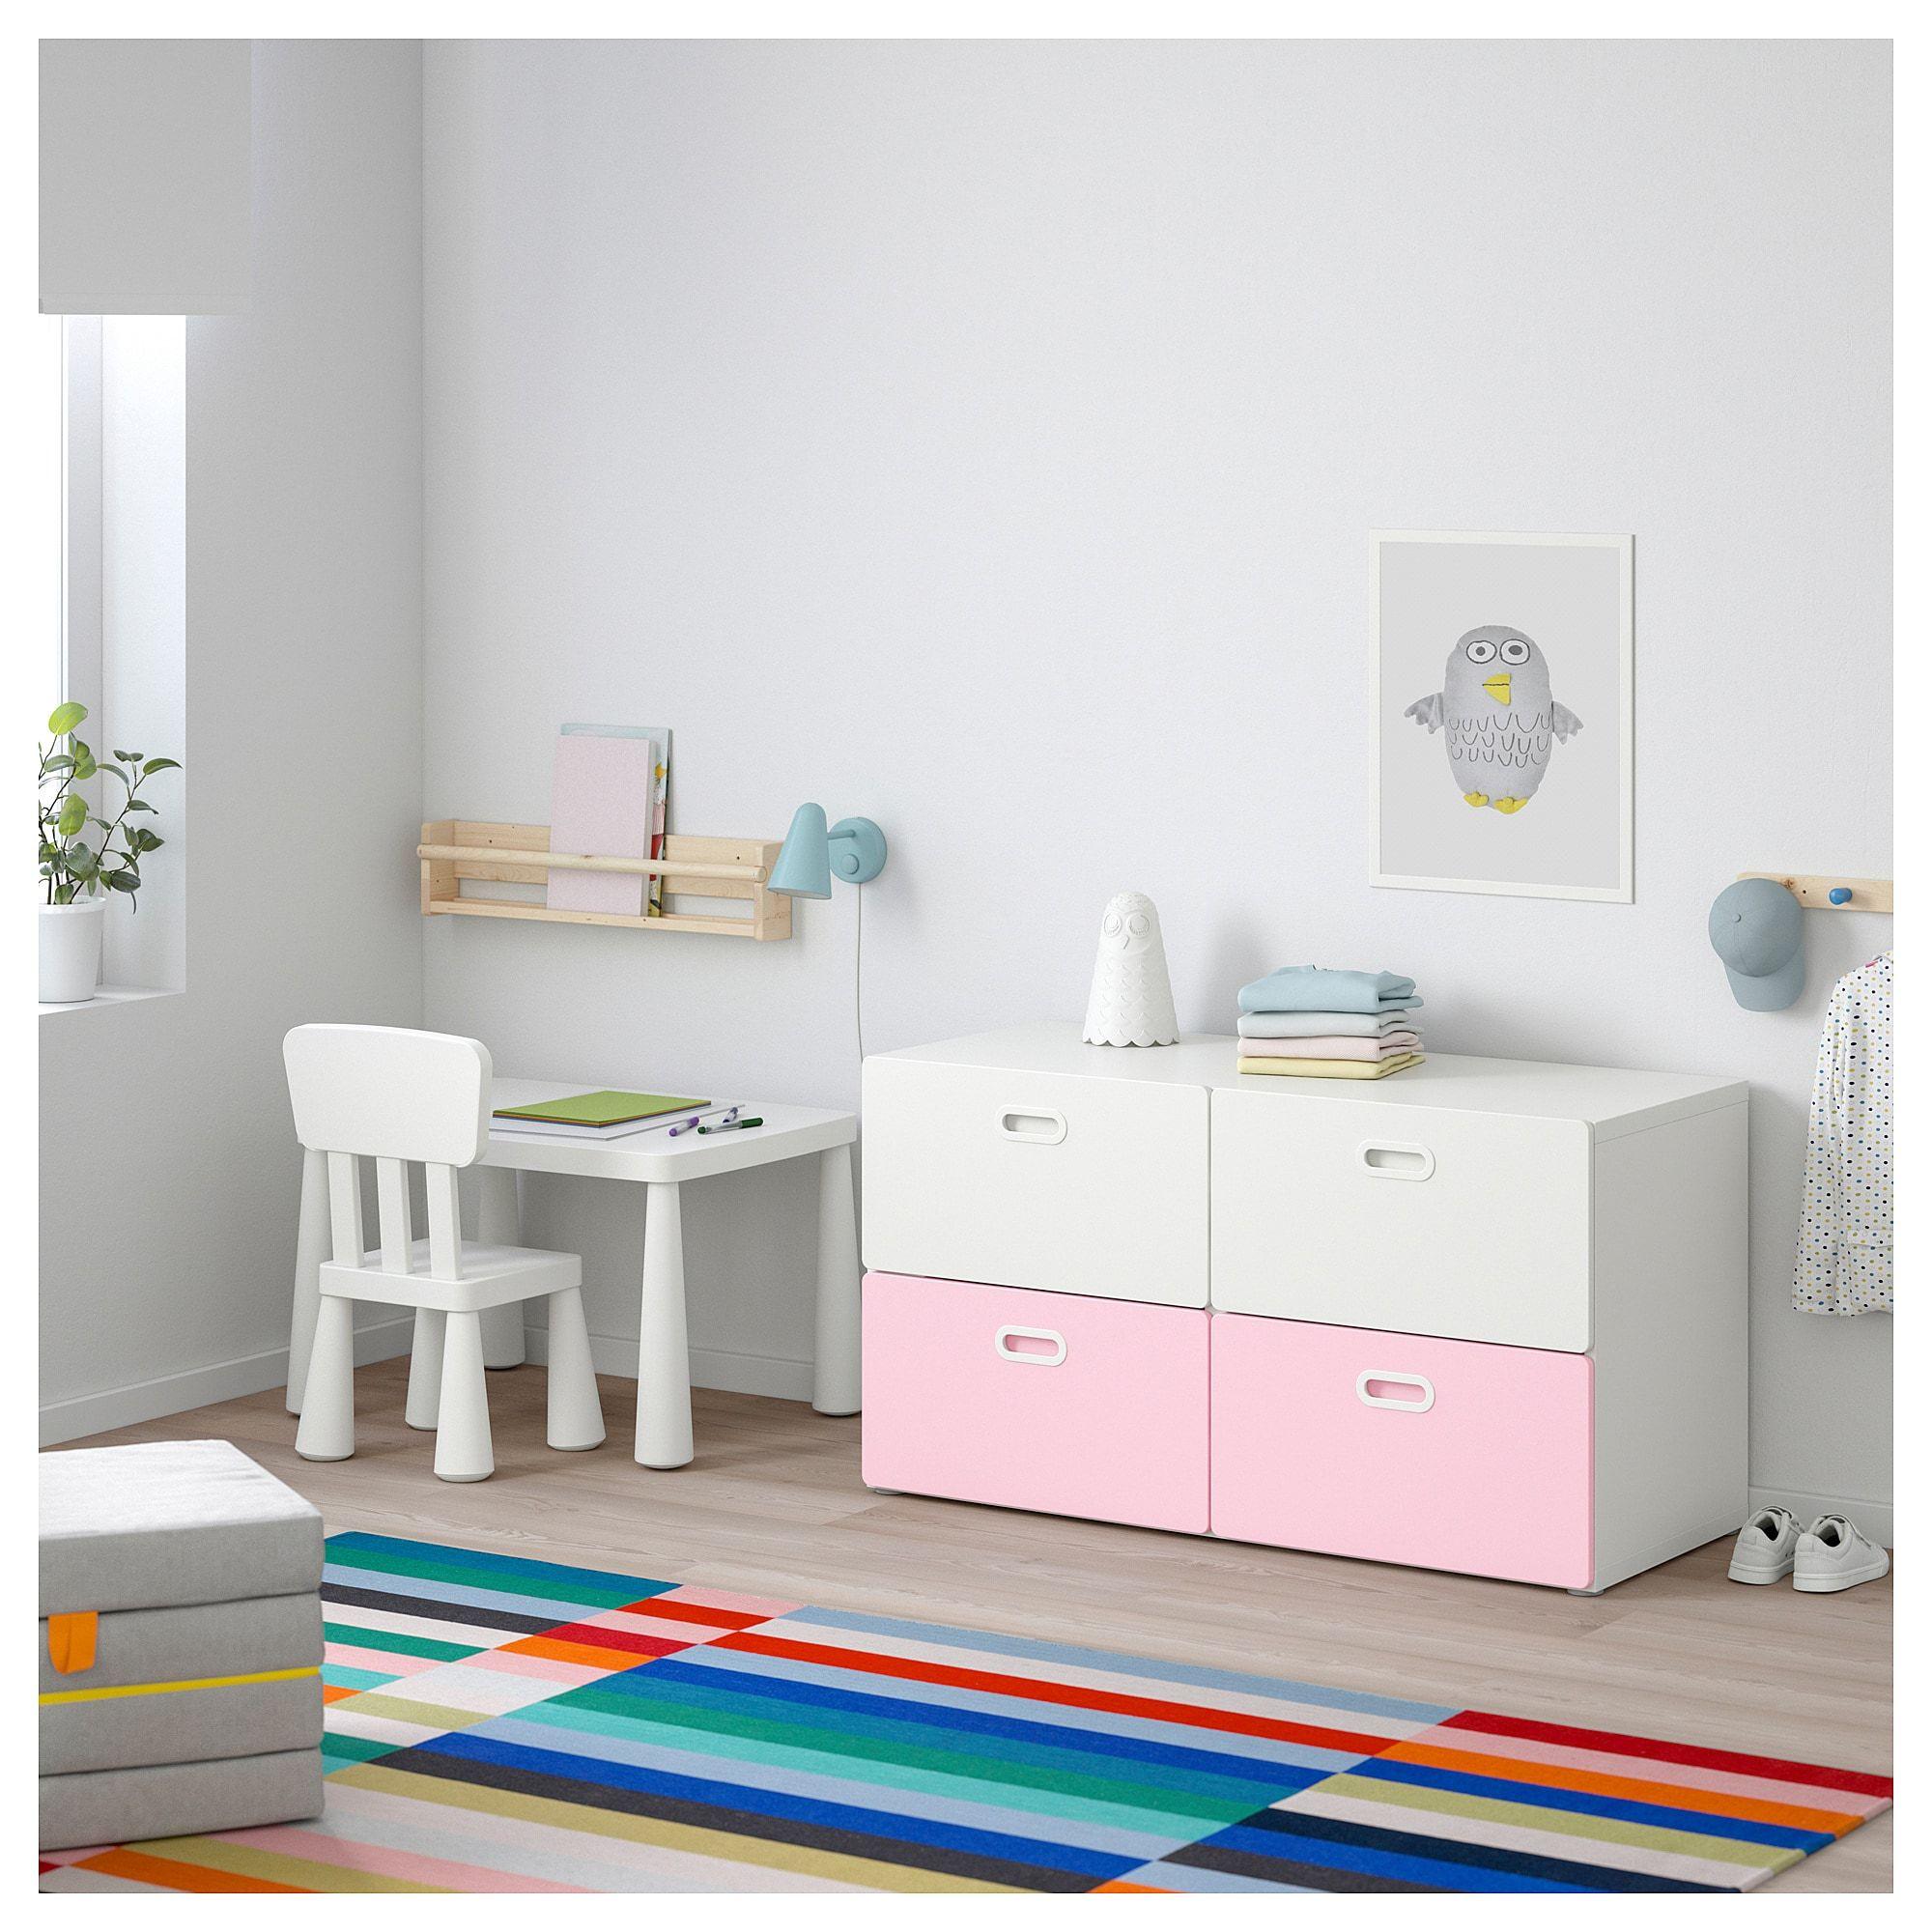 New Unicorn 4 Drawer Chest Drawer Girls Kids Children Bedroom Storage Unit Pink